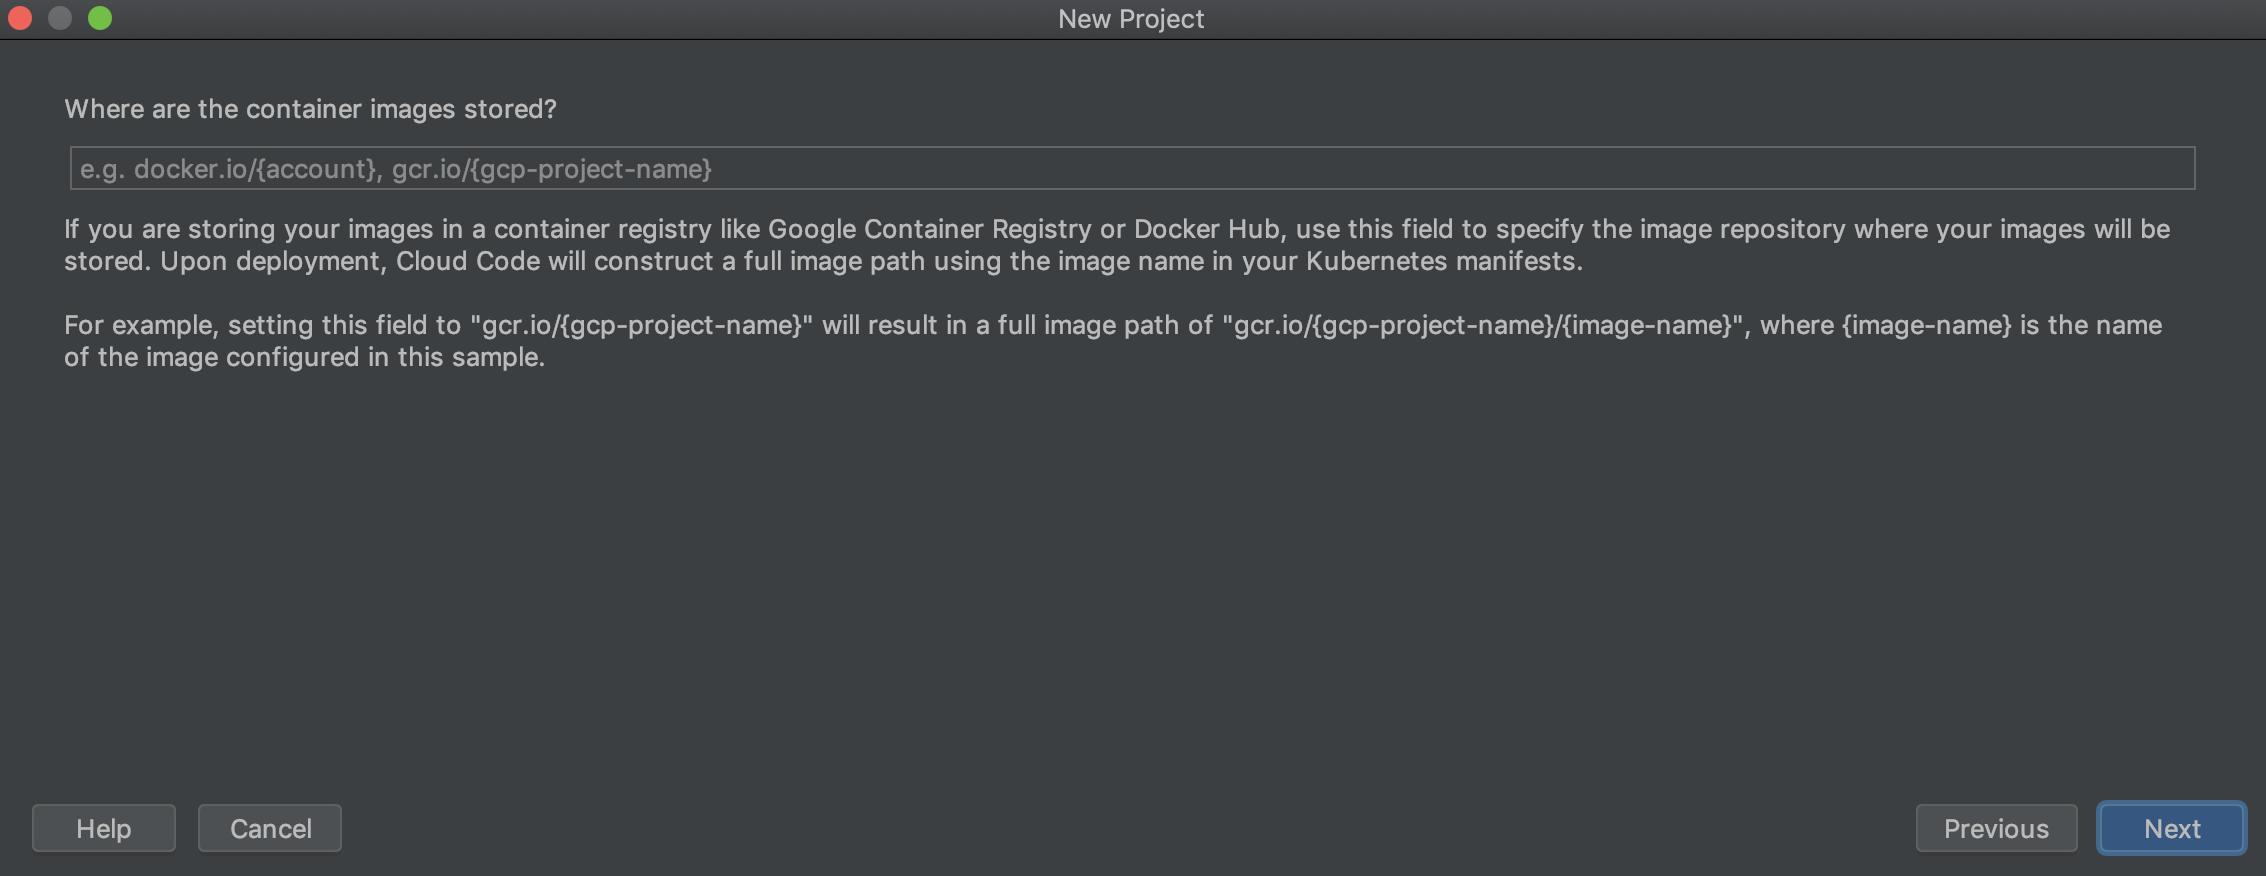 Especifique o repositório de imagem padrão no campo usando o formato gcr.io/{gcp-project-name} ou docker.io/{account}